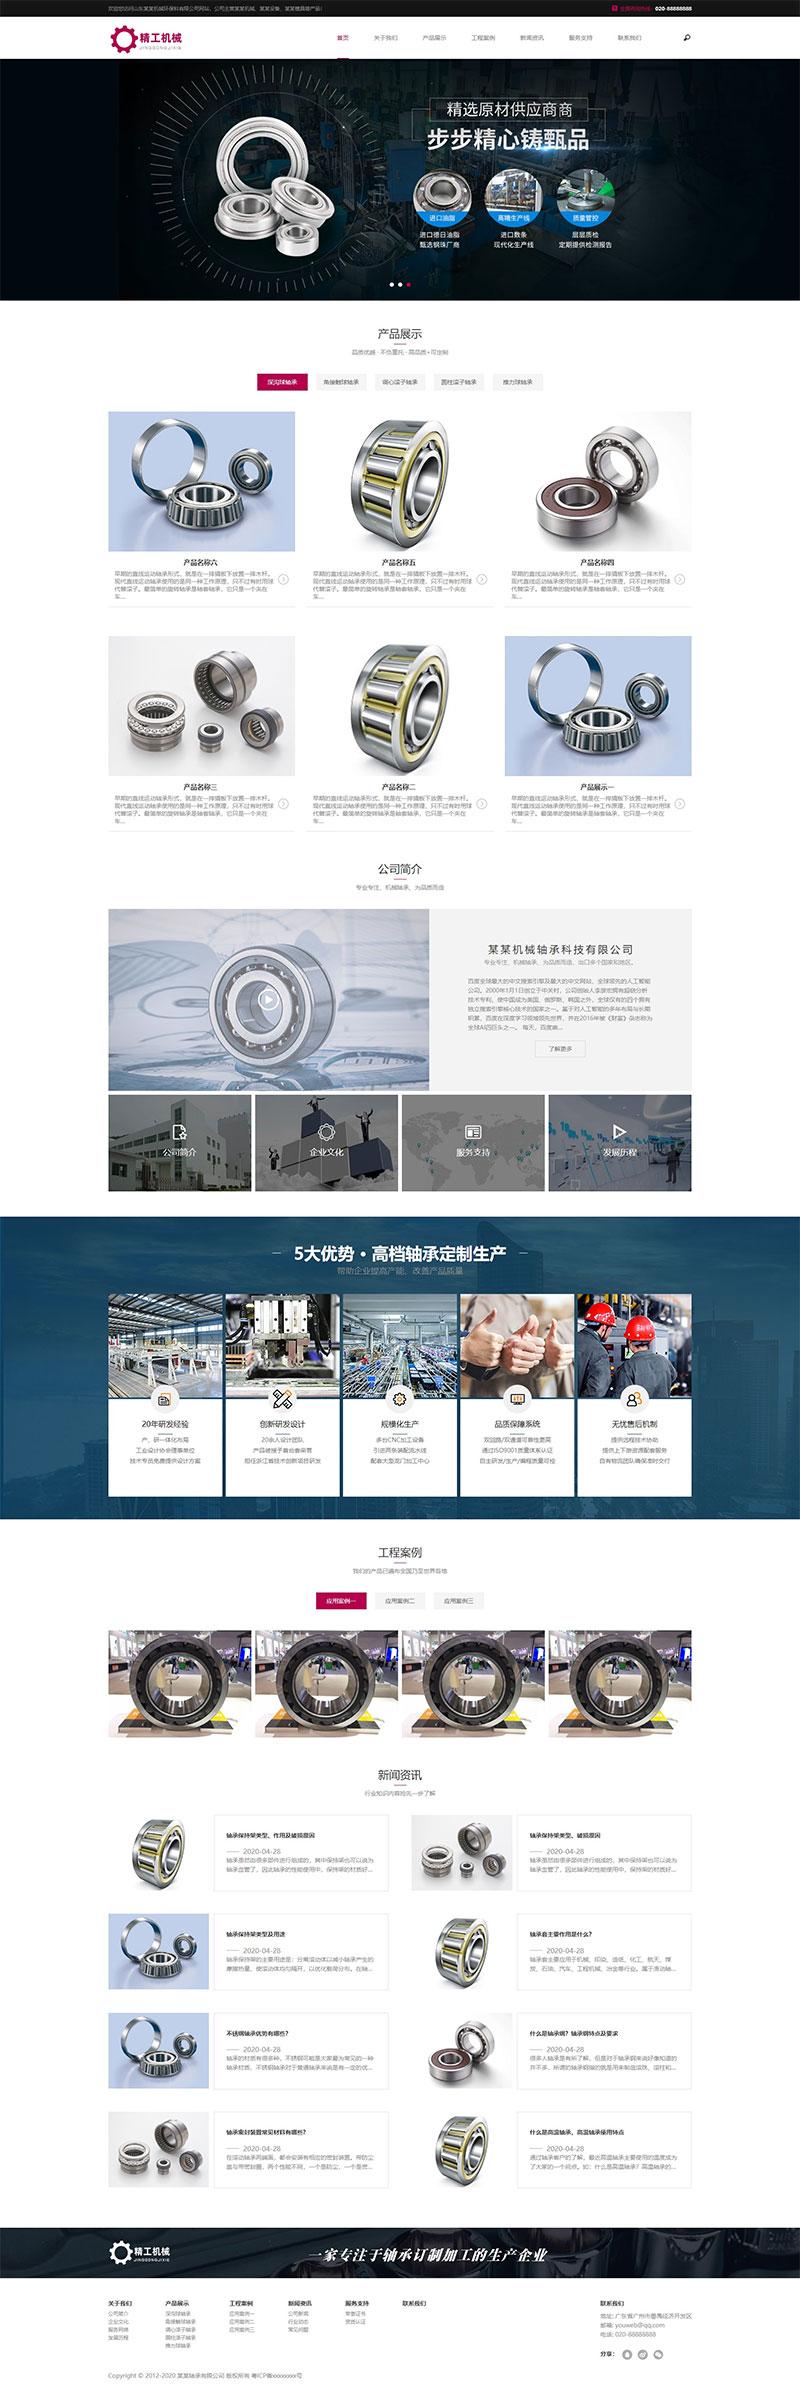 爱上源码网文章营销型企业官网精工机械工业实体生产厂家企业织梦网站模板(自适应手机移动端)的内容插图